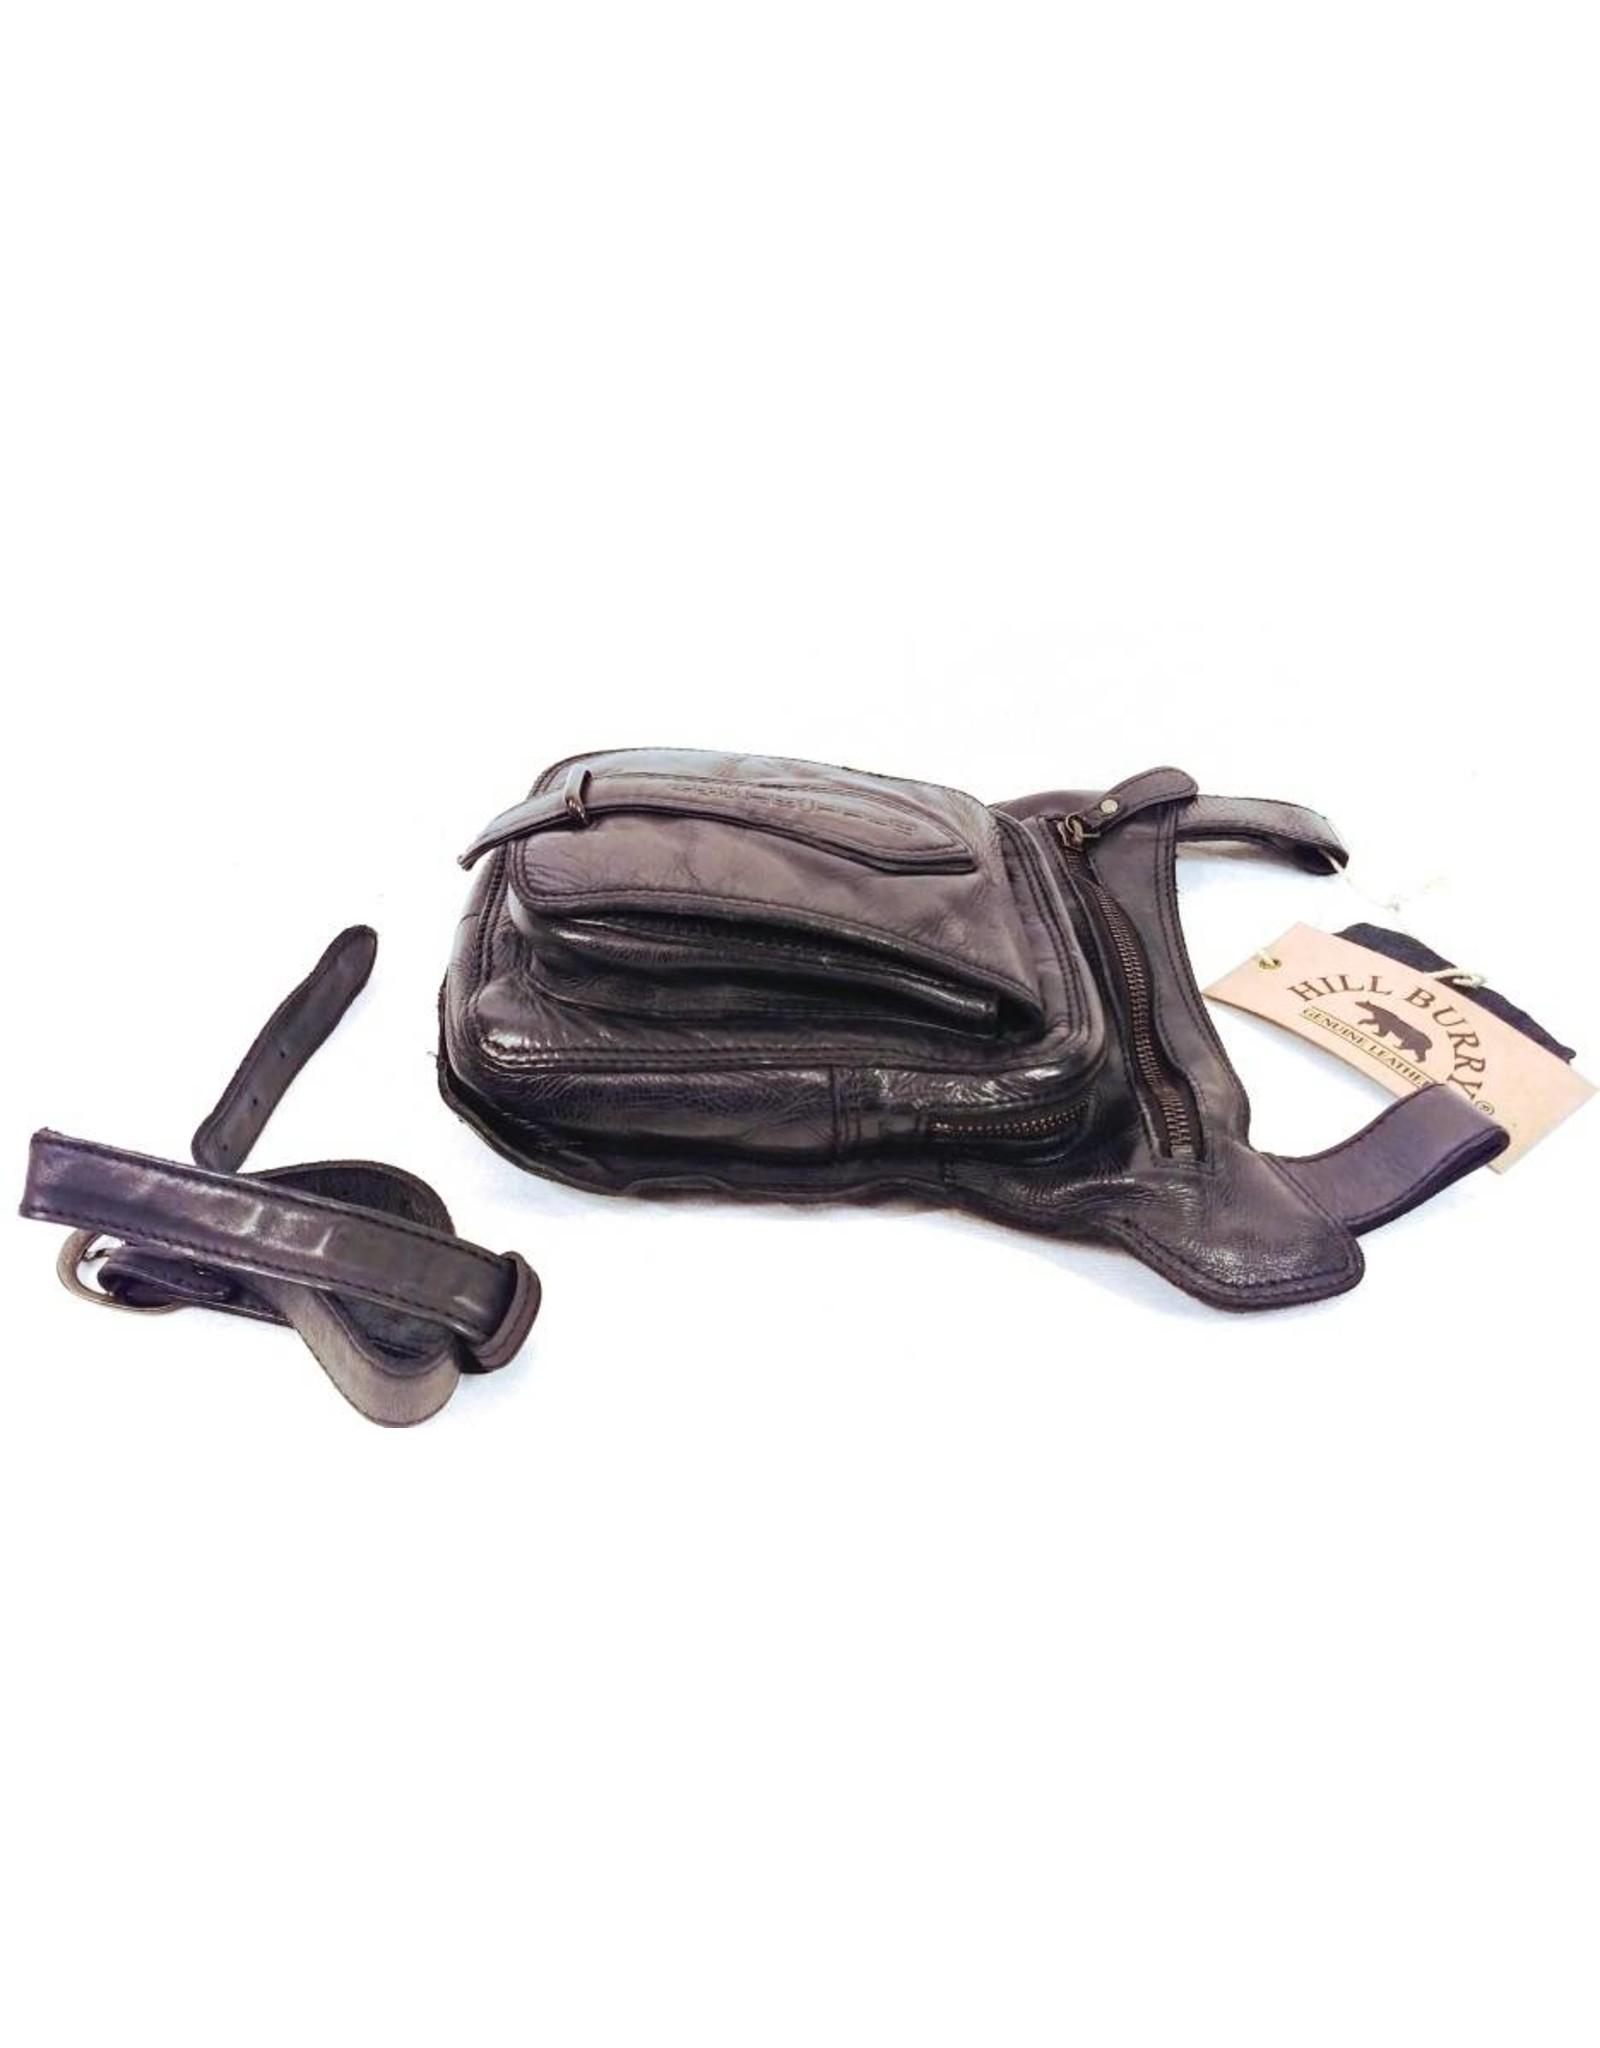 HillBurry Leren tassen - Hillburry riemtas beentas van gewassen leer zwart